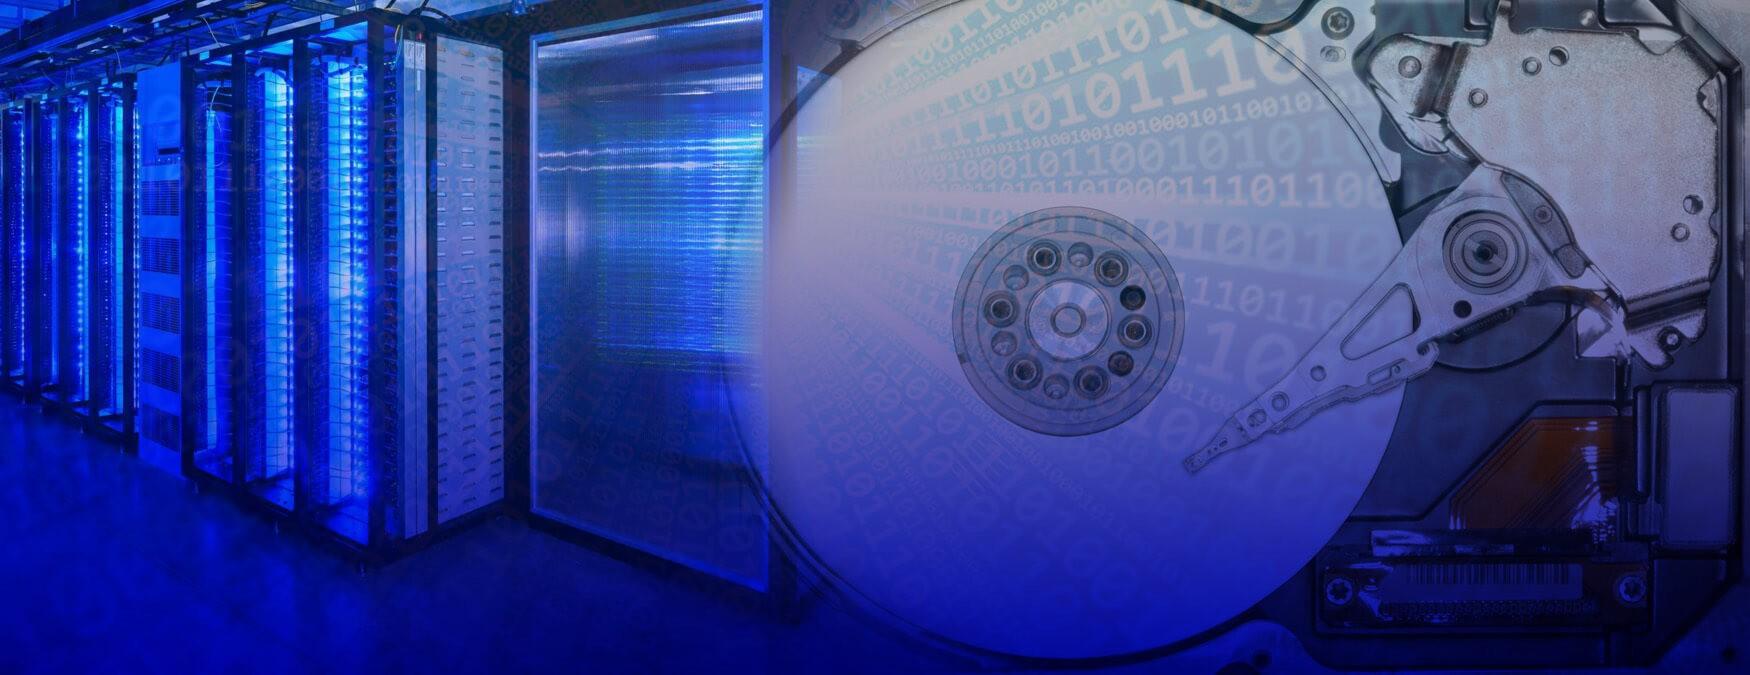 Data Center Image - AGR